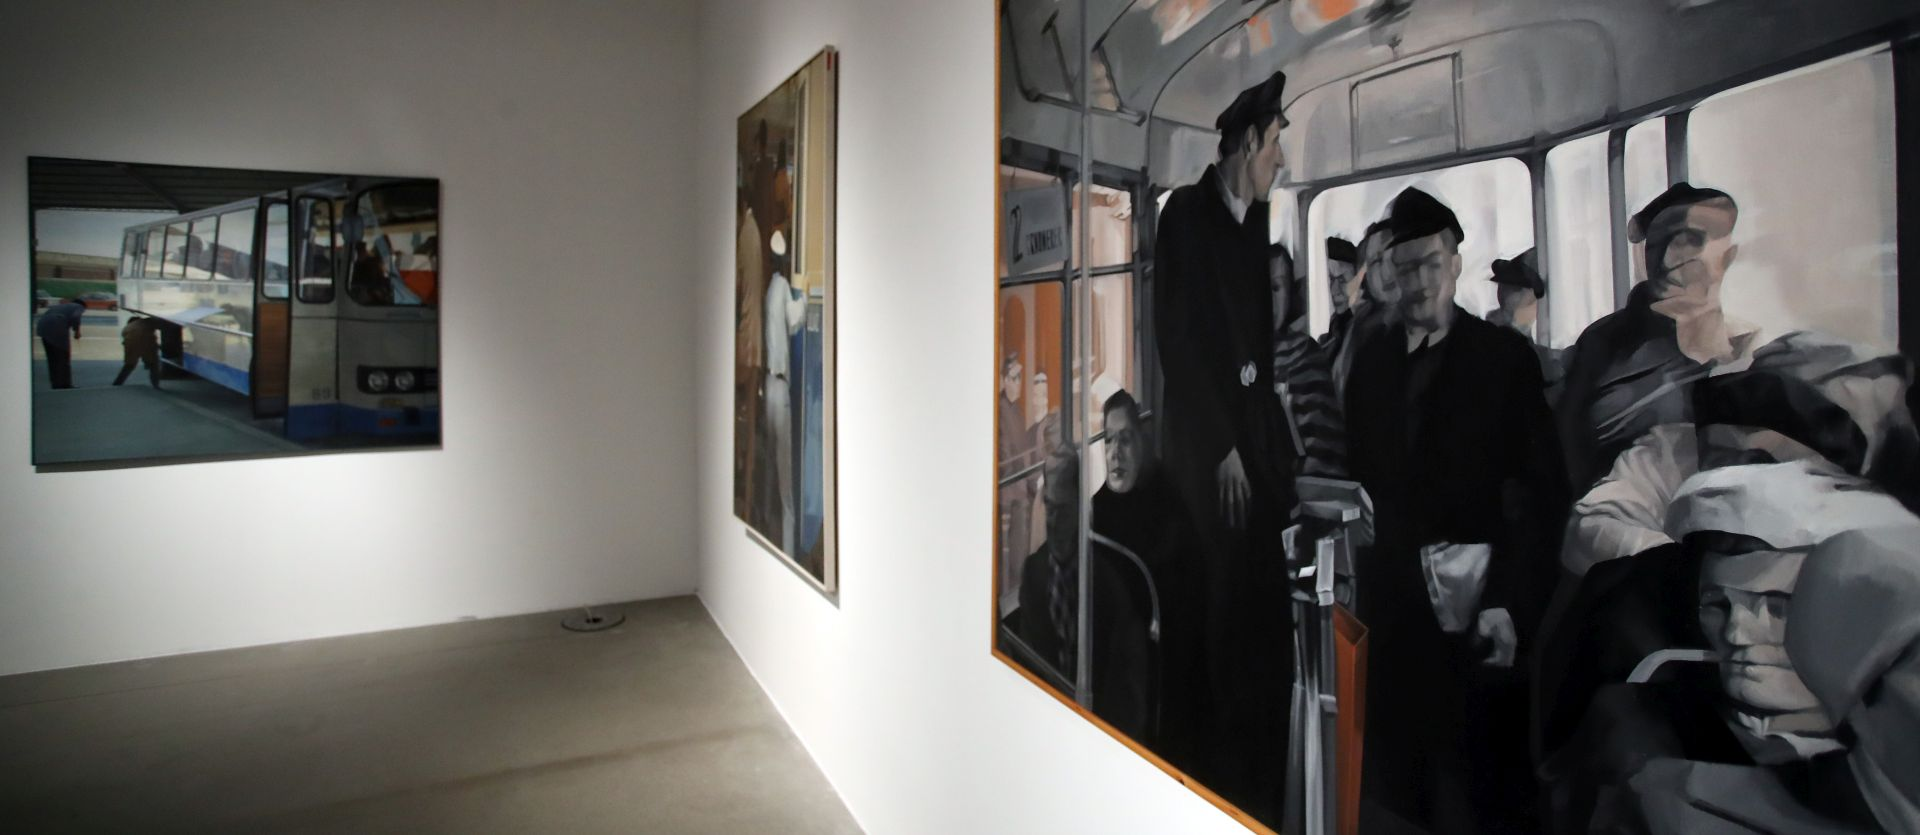 Retrospektivna izložba Jadranke Fatur u MSU